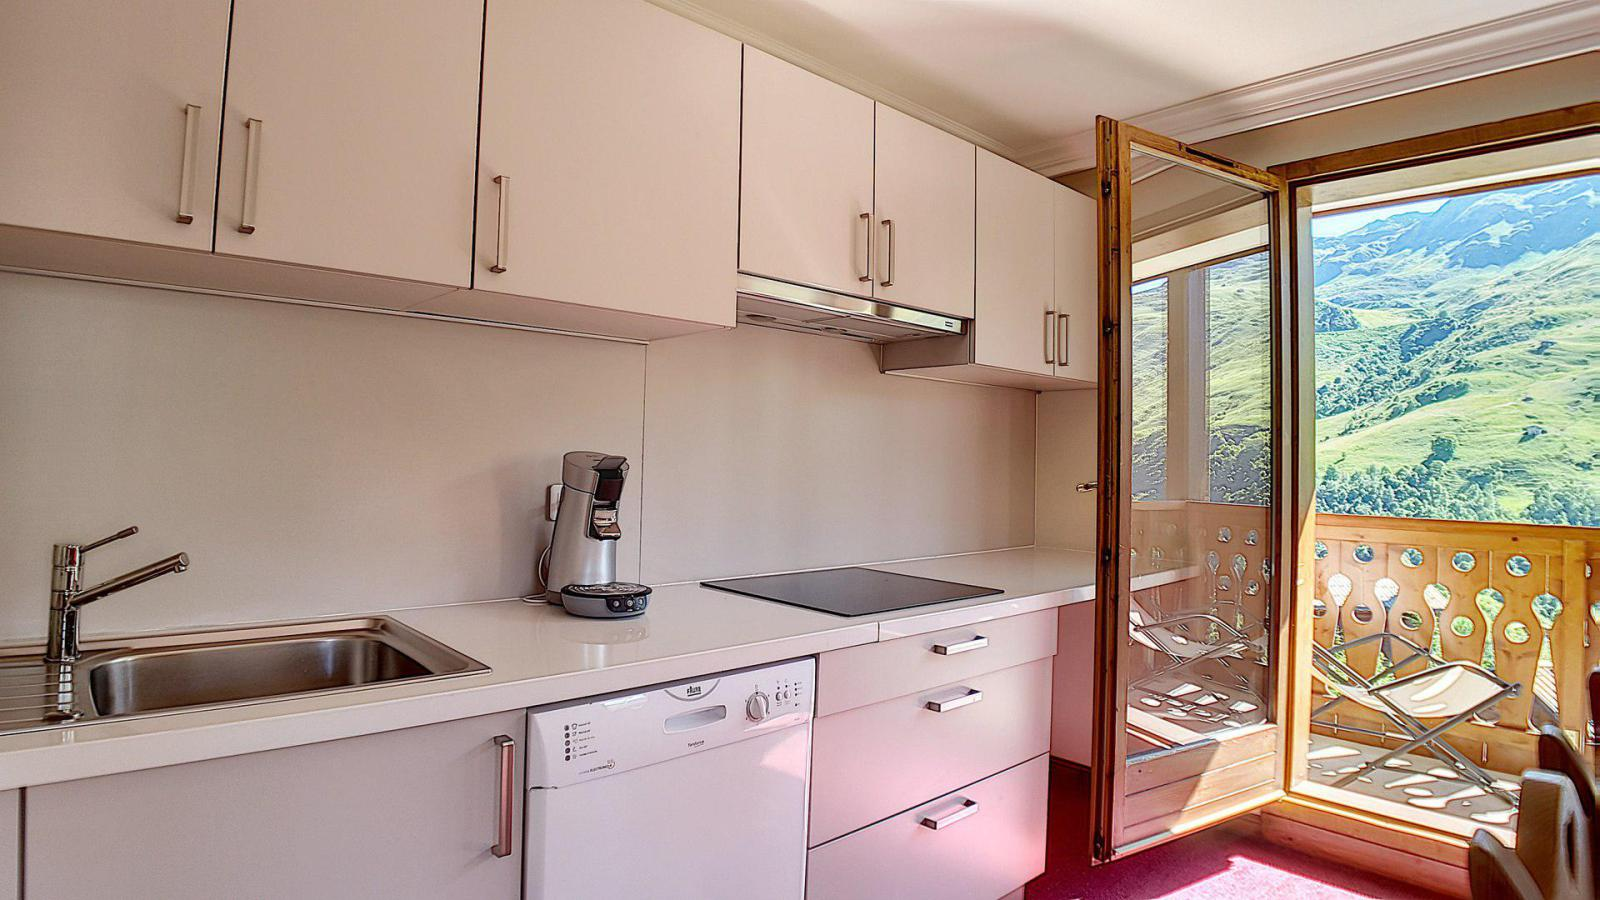 Location au ski Appartement 3 pièces 6 personnes (3) - Residence Les Cristaux - Les Menuires - Meuble vasque